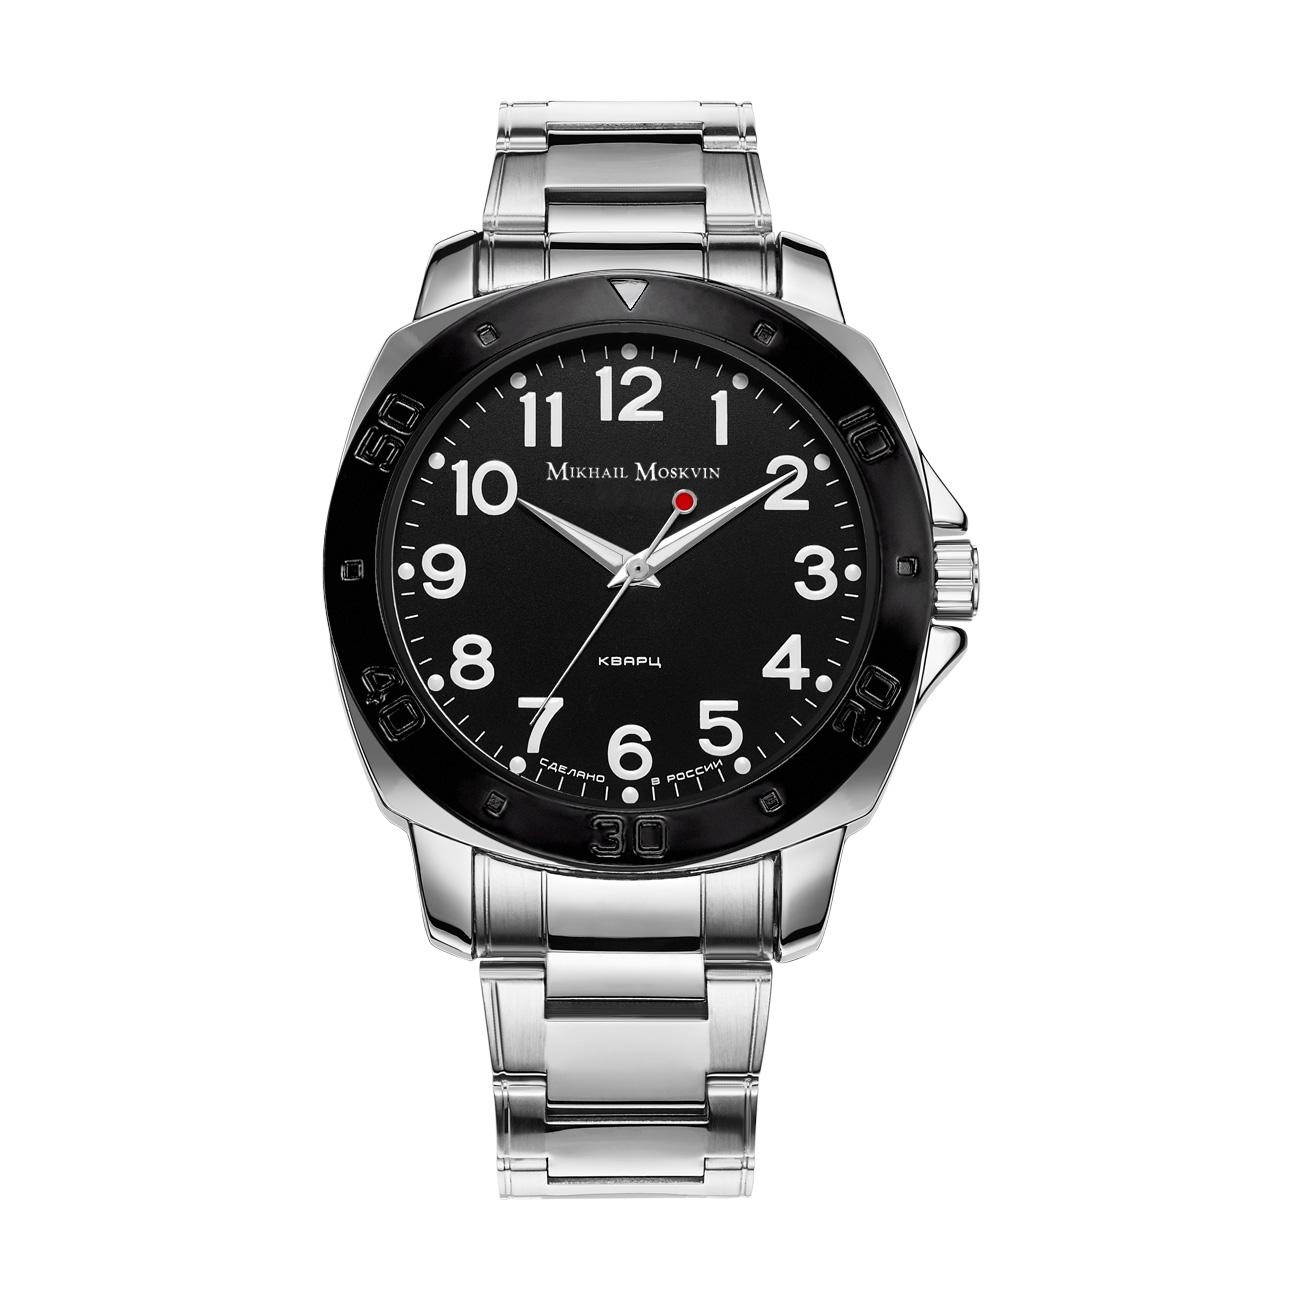 недорогие часы картинки всегда видел примерно